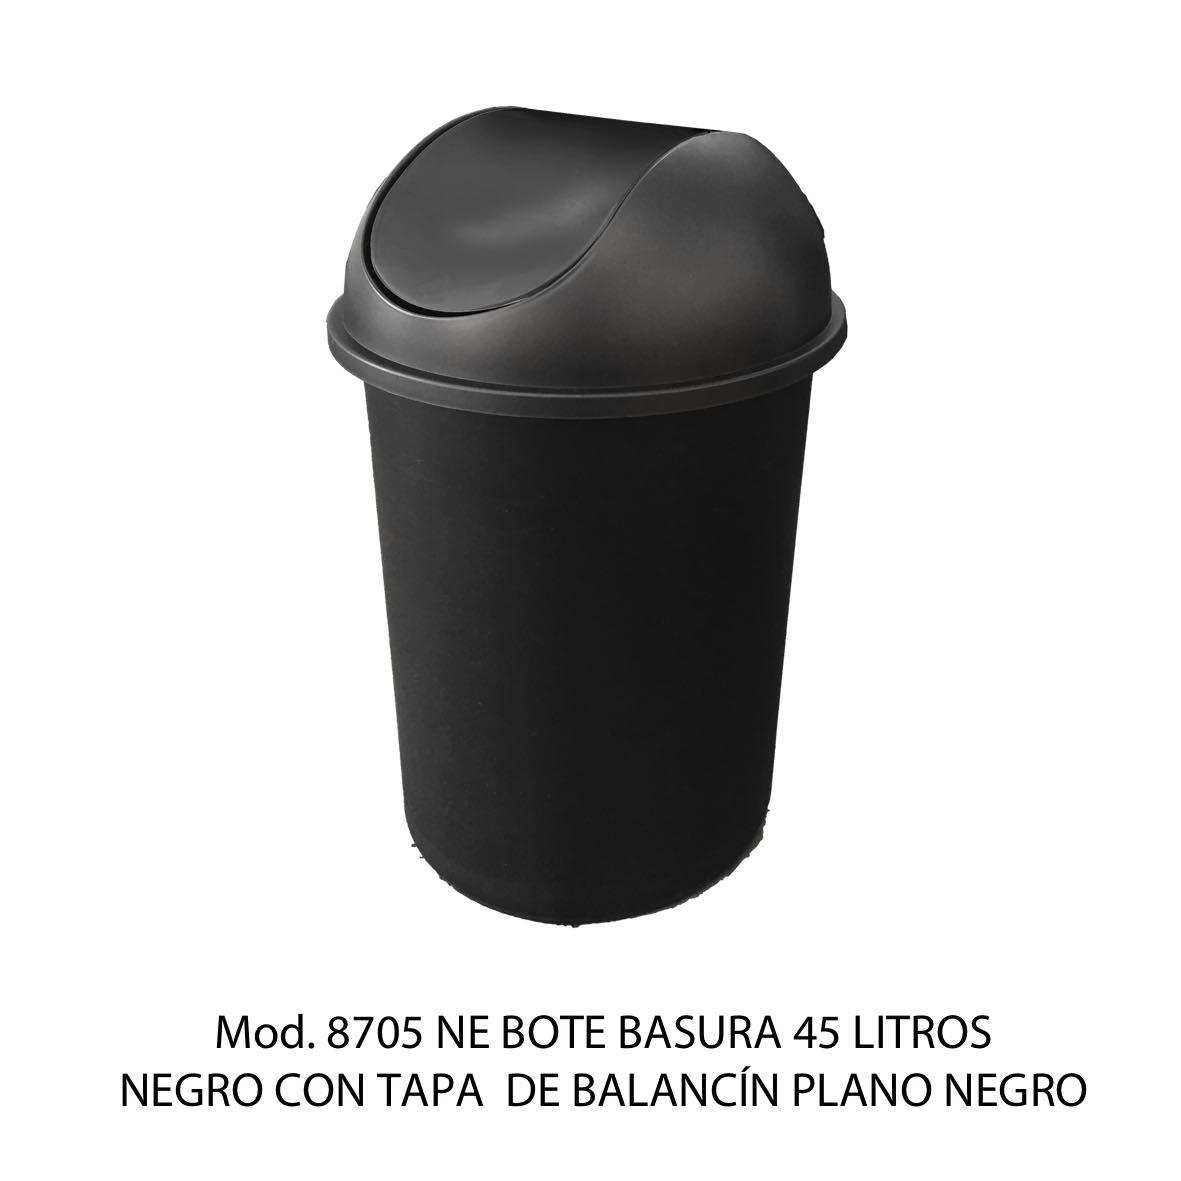 Bote de basura redondo negro de 45 litros con tapa negro tipo balancín liso modelo 8705 NE Sablón